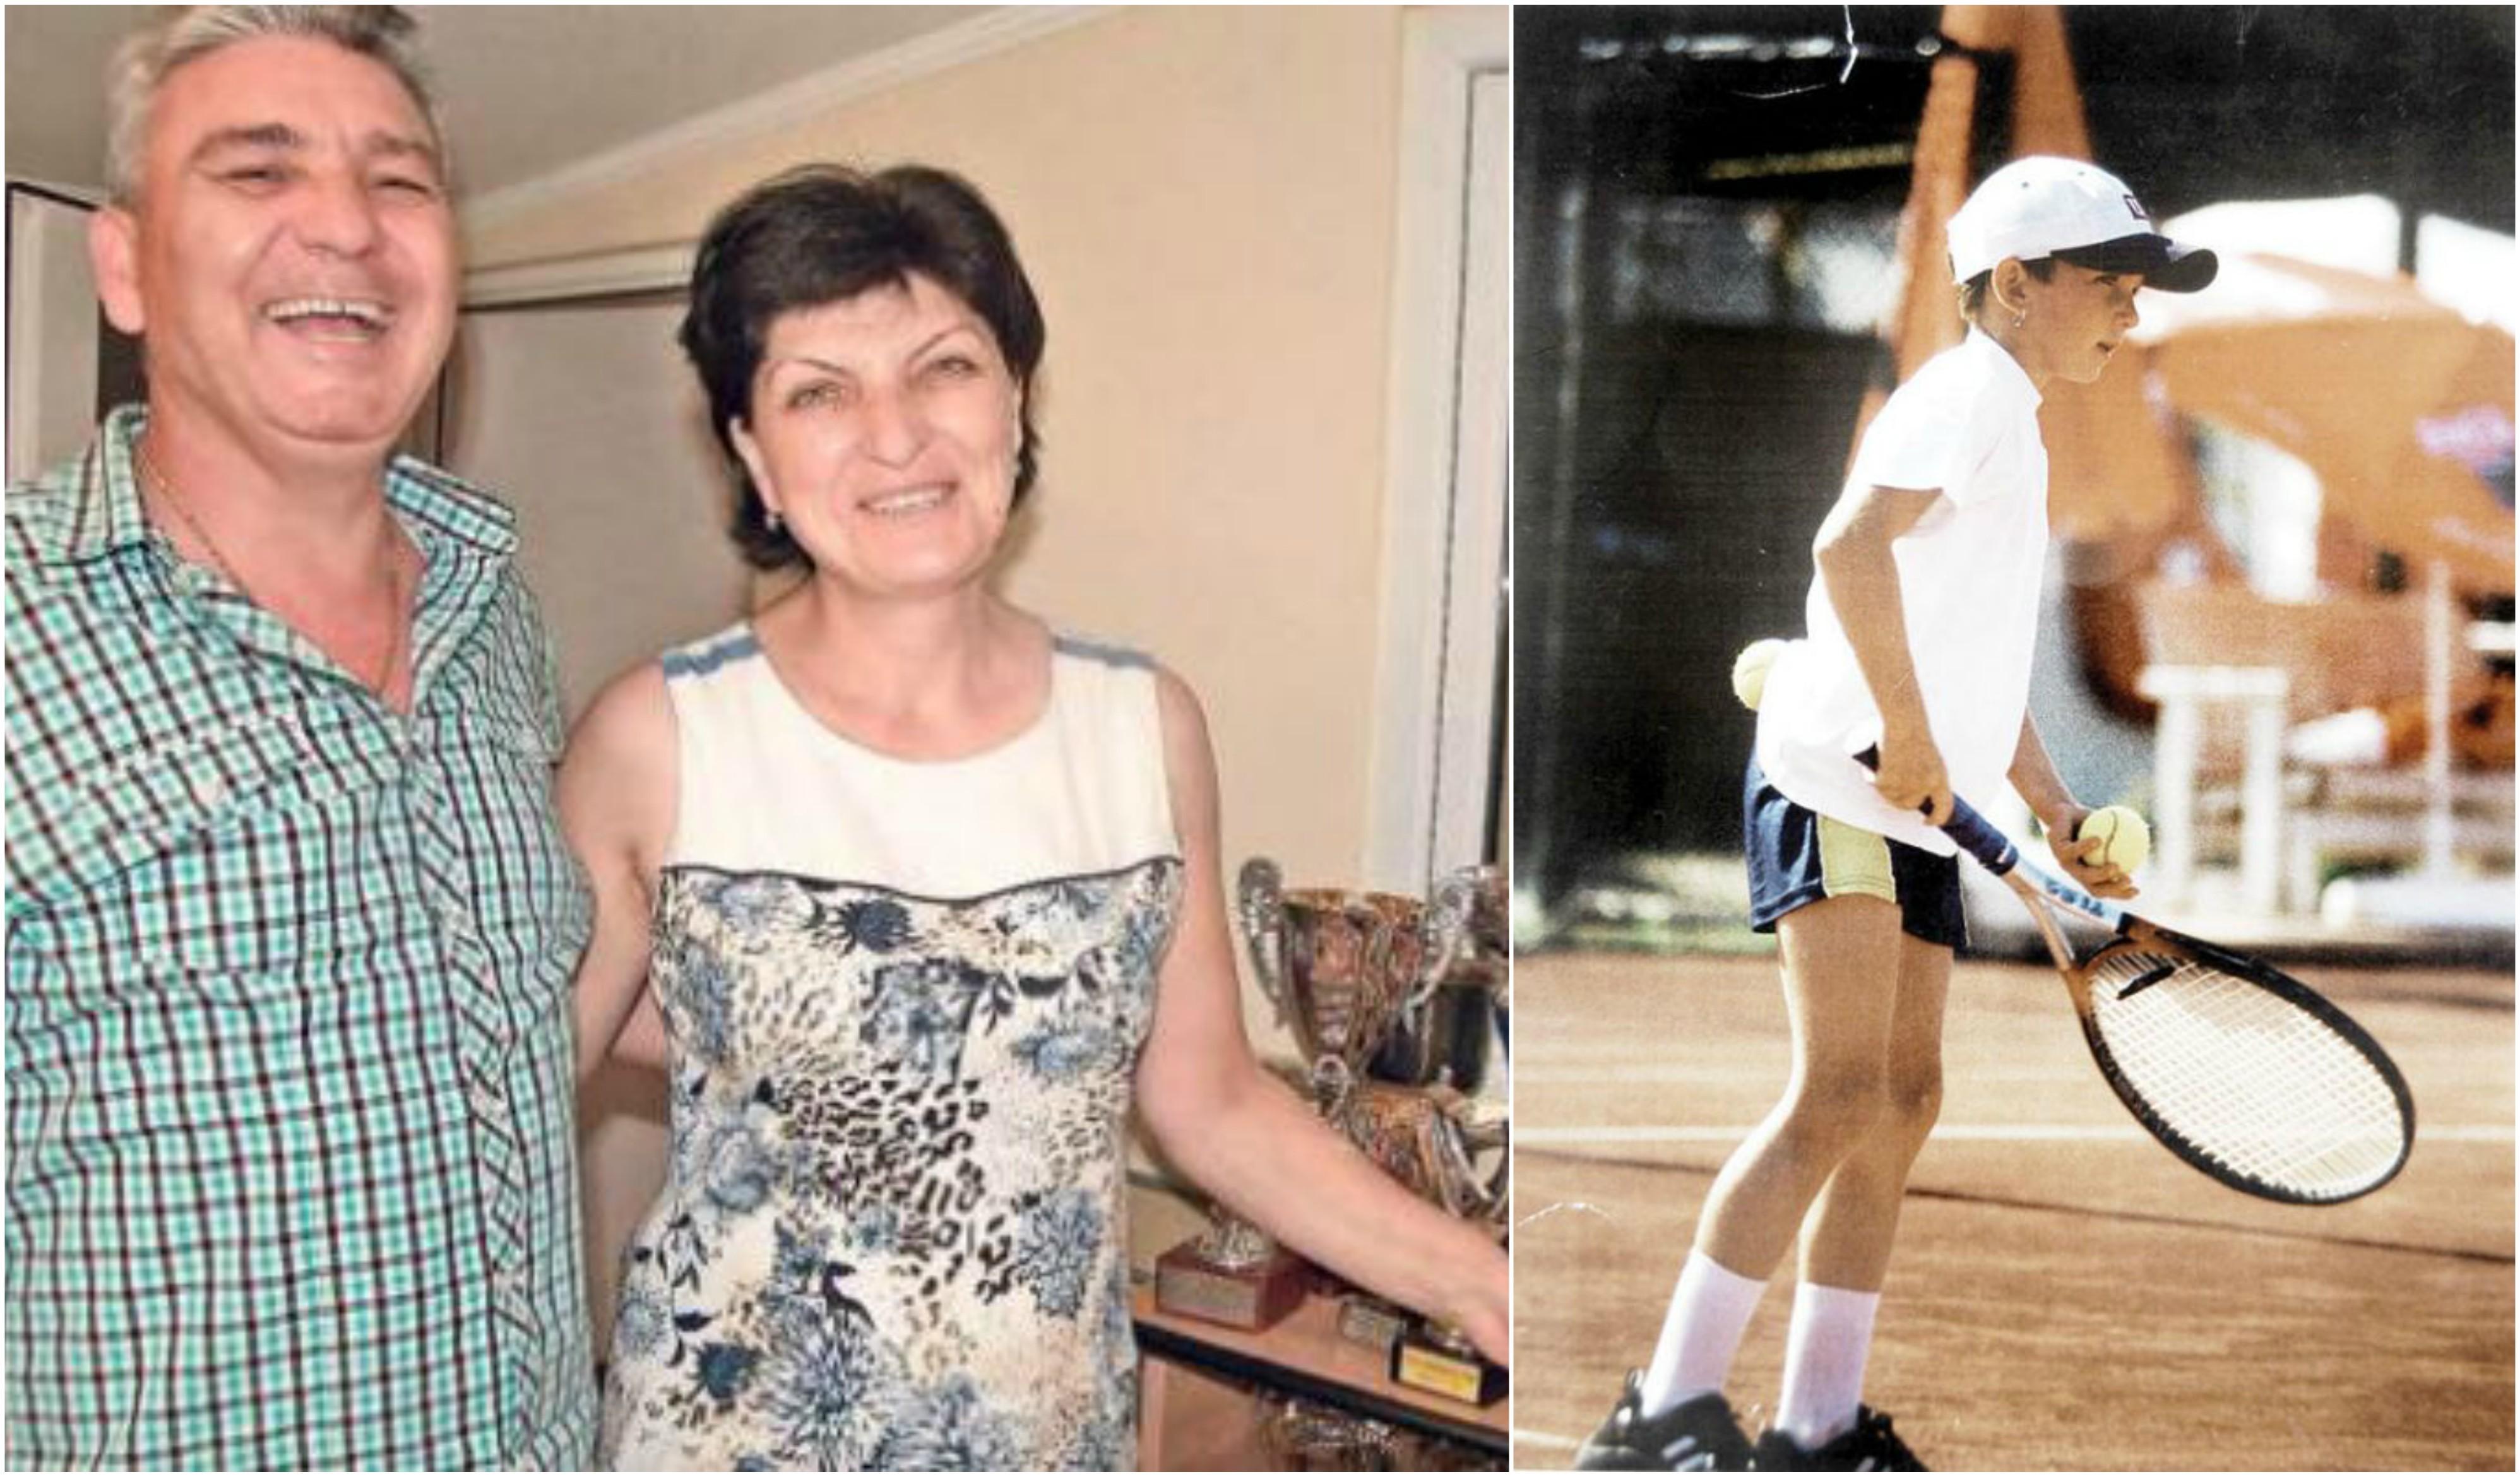 Deşi fratele său a fost primul care a început cu tenisul, pasiunea Simonei pentru acest sport a fost mai puternică, devenind campioana României, cu sprijinul enorm al familiei sale, care se mândreşte cu realizările ei.